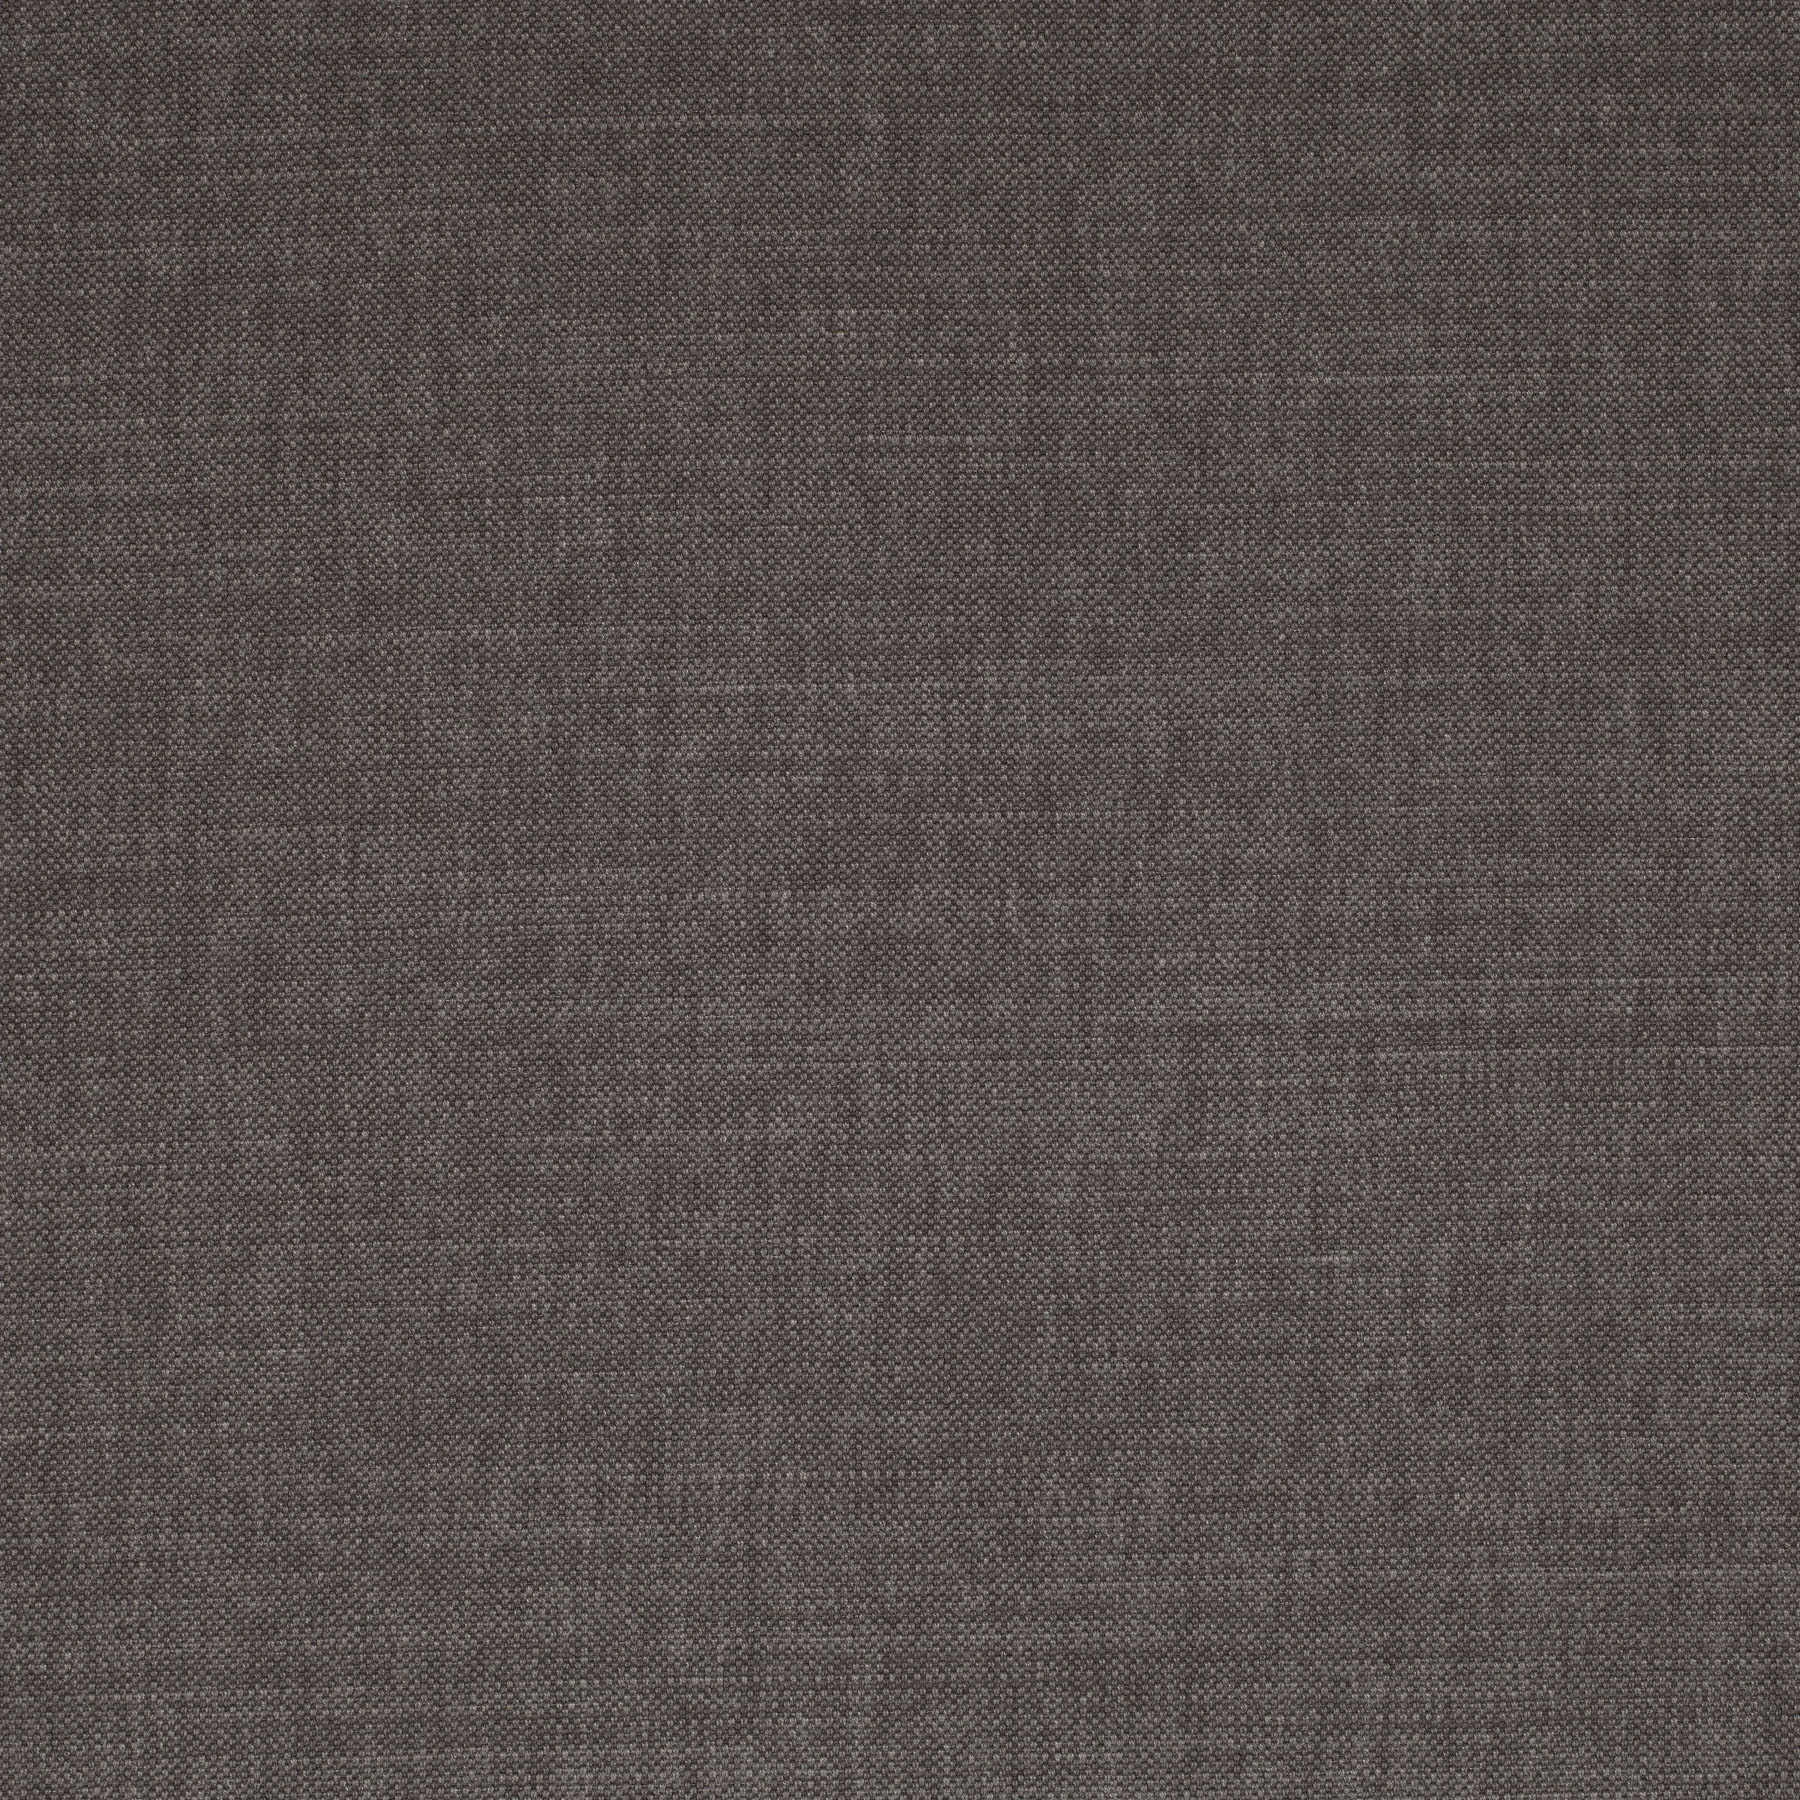 mørkegrå hot madison CH1249/093-0